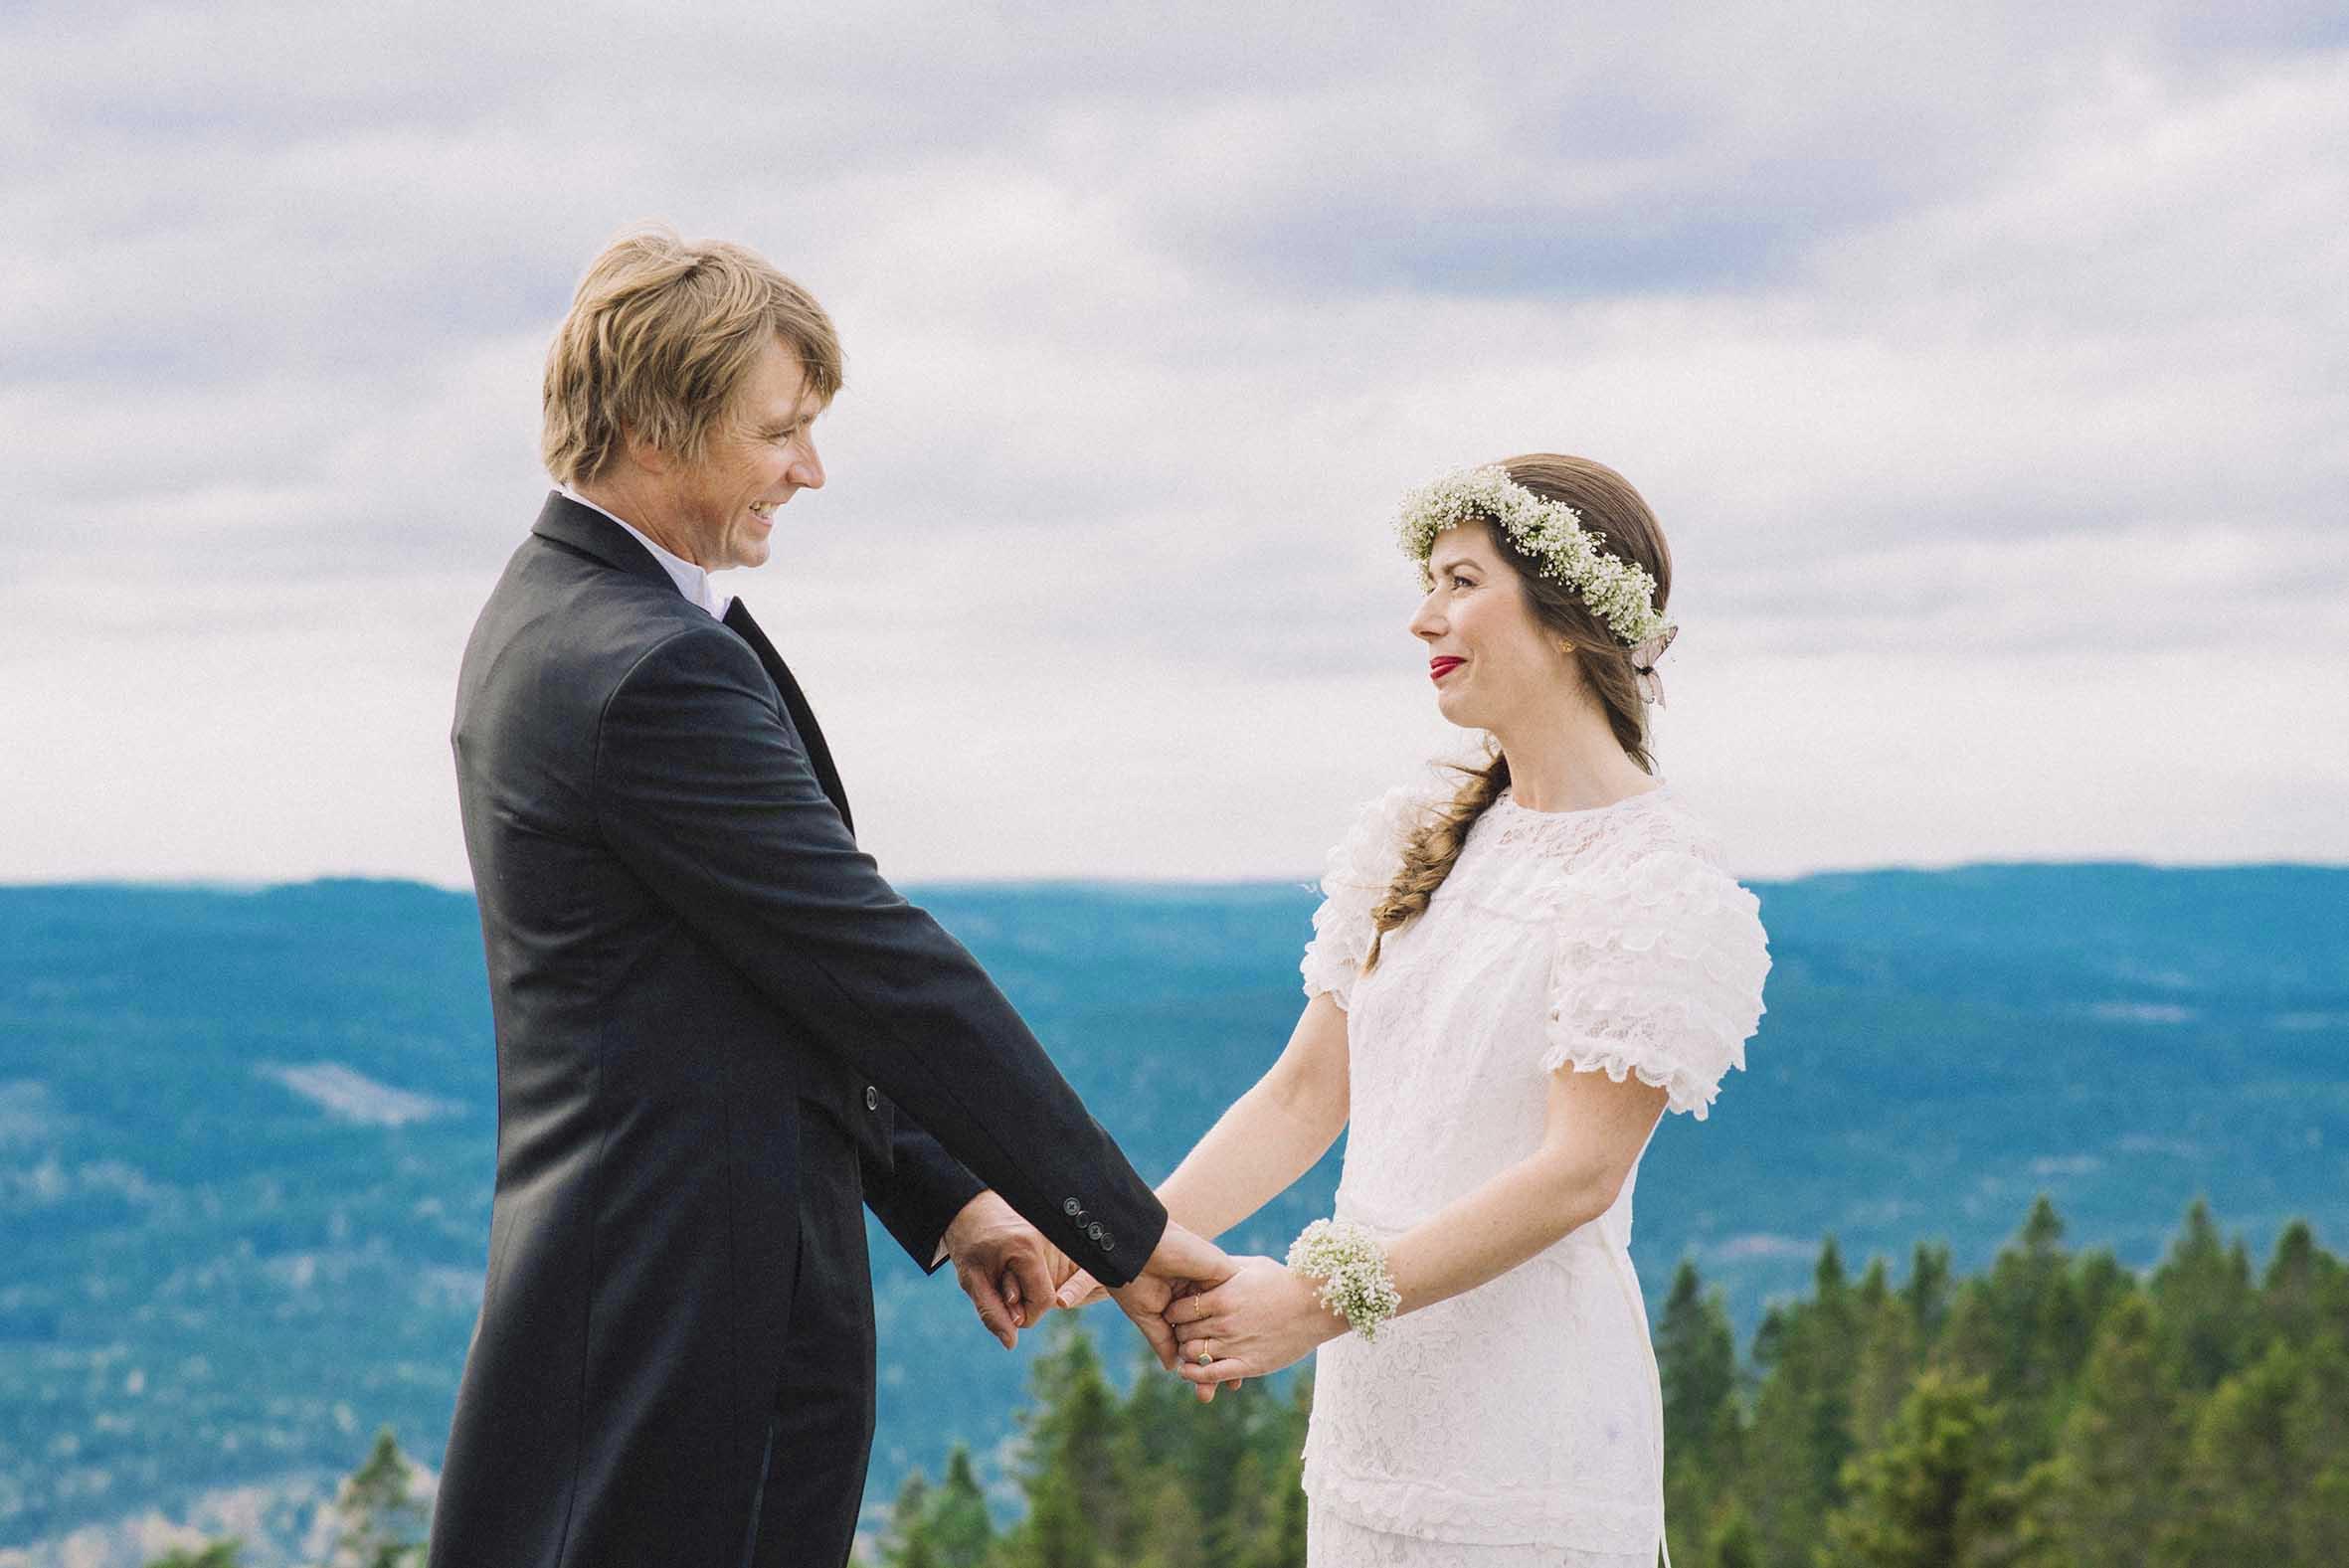 Bryllups fotografering fra Oslo tak, par som holder hender, blå himmel